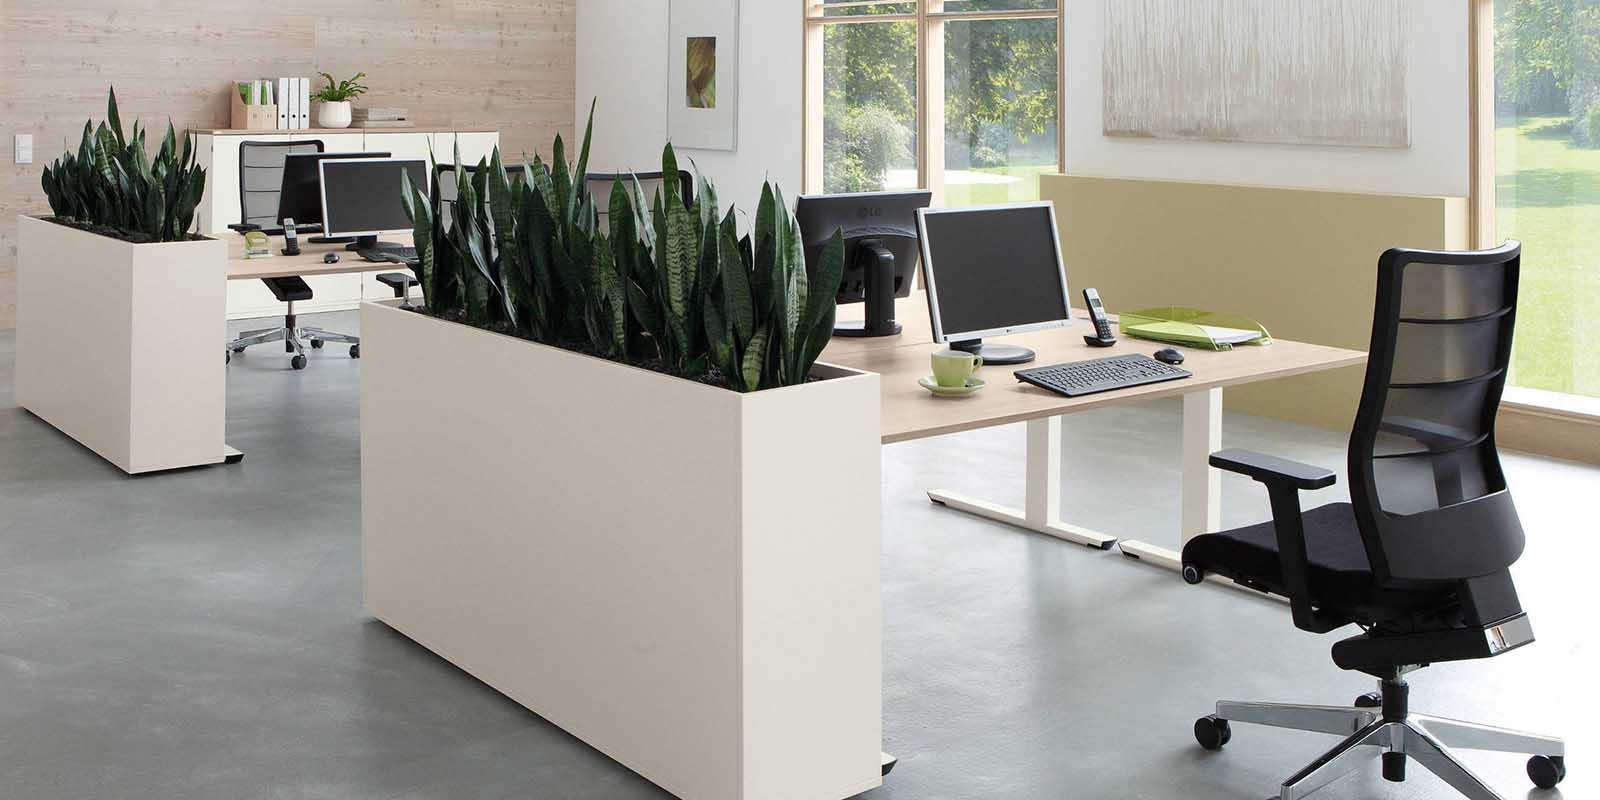 kantoorschoonmaak-Aquant-Schoonmaakbedrijf-sneek